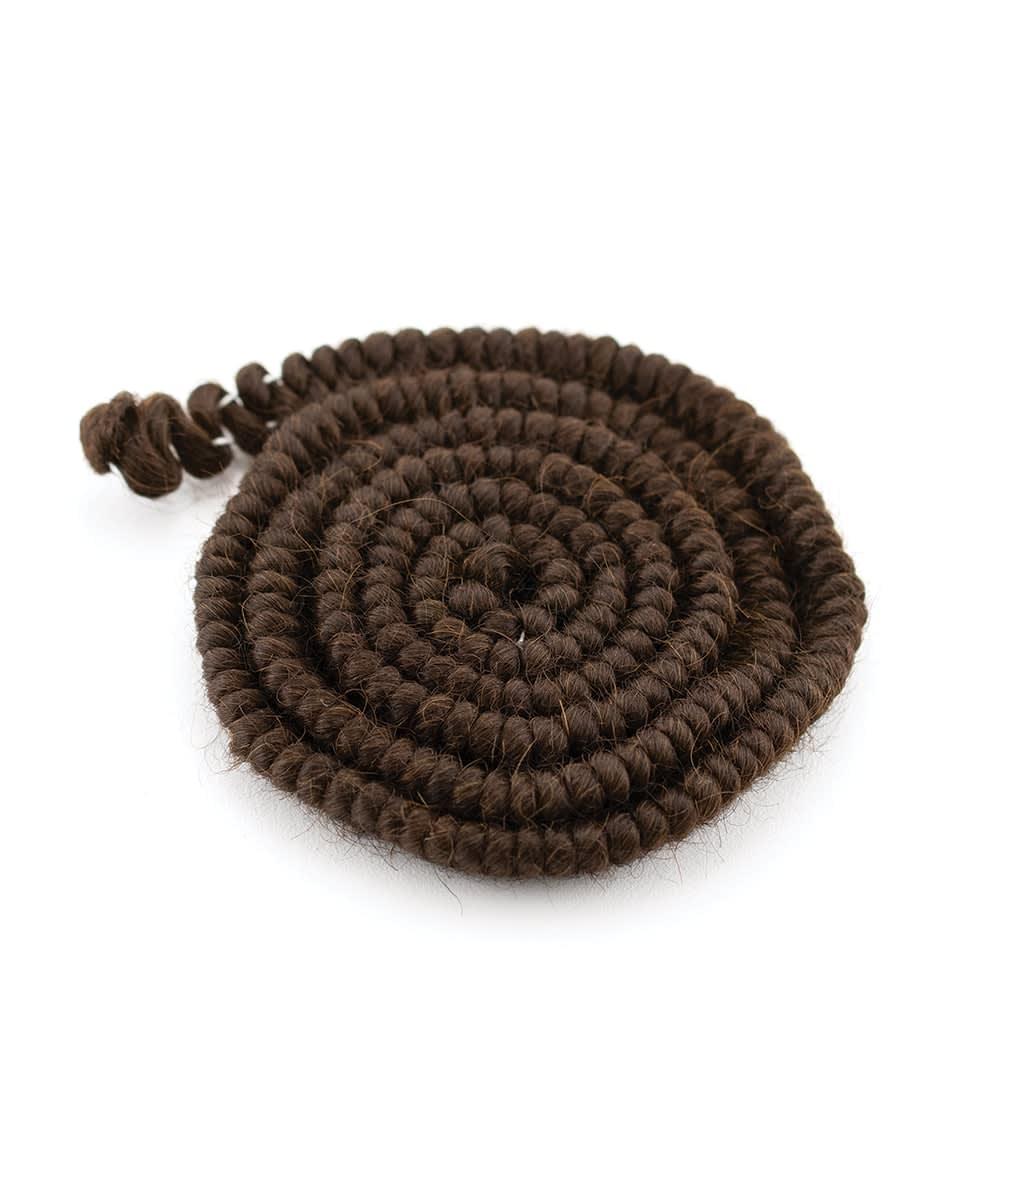 Crepe Wool, 1 yard braided